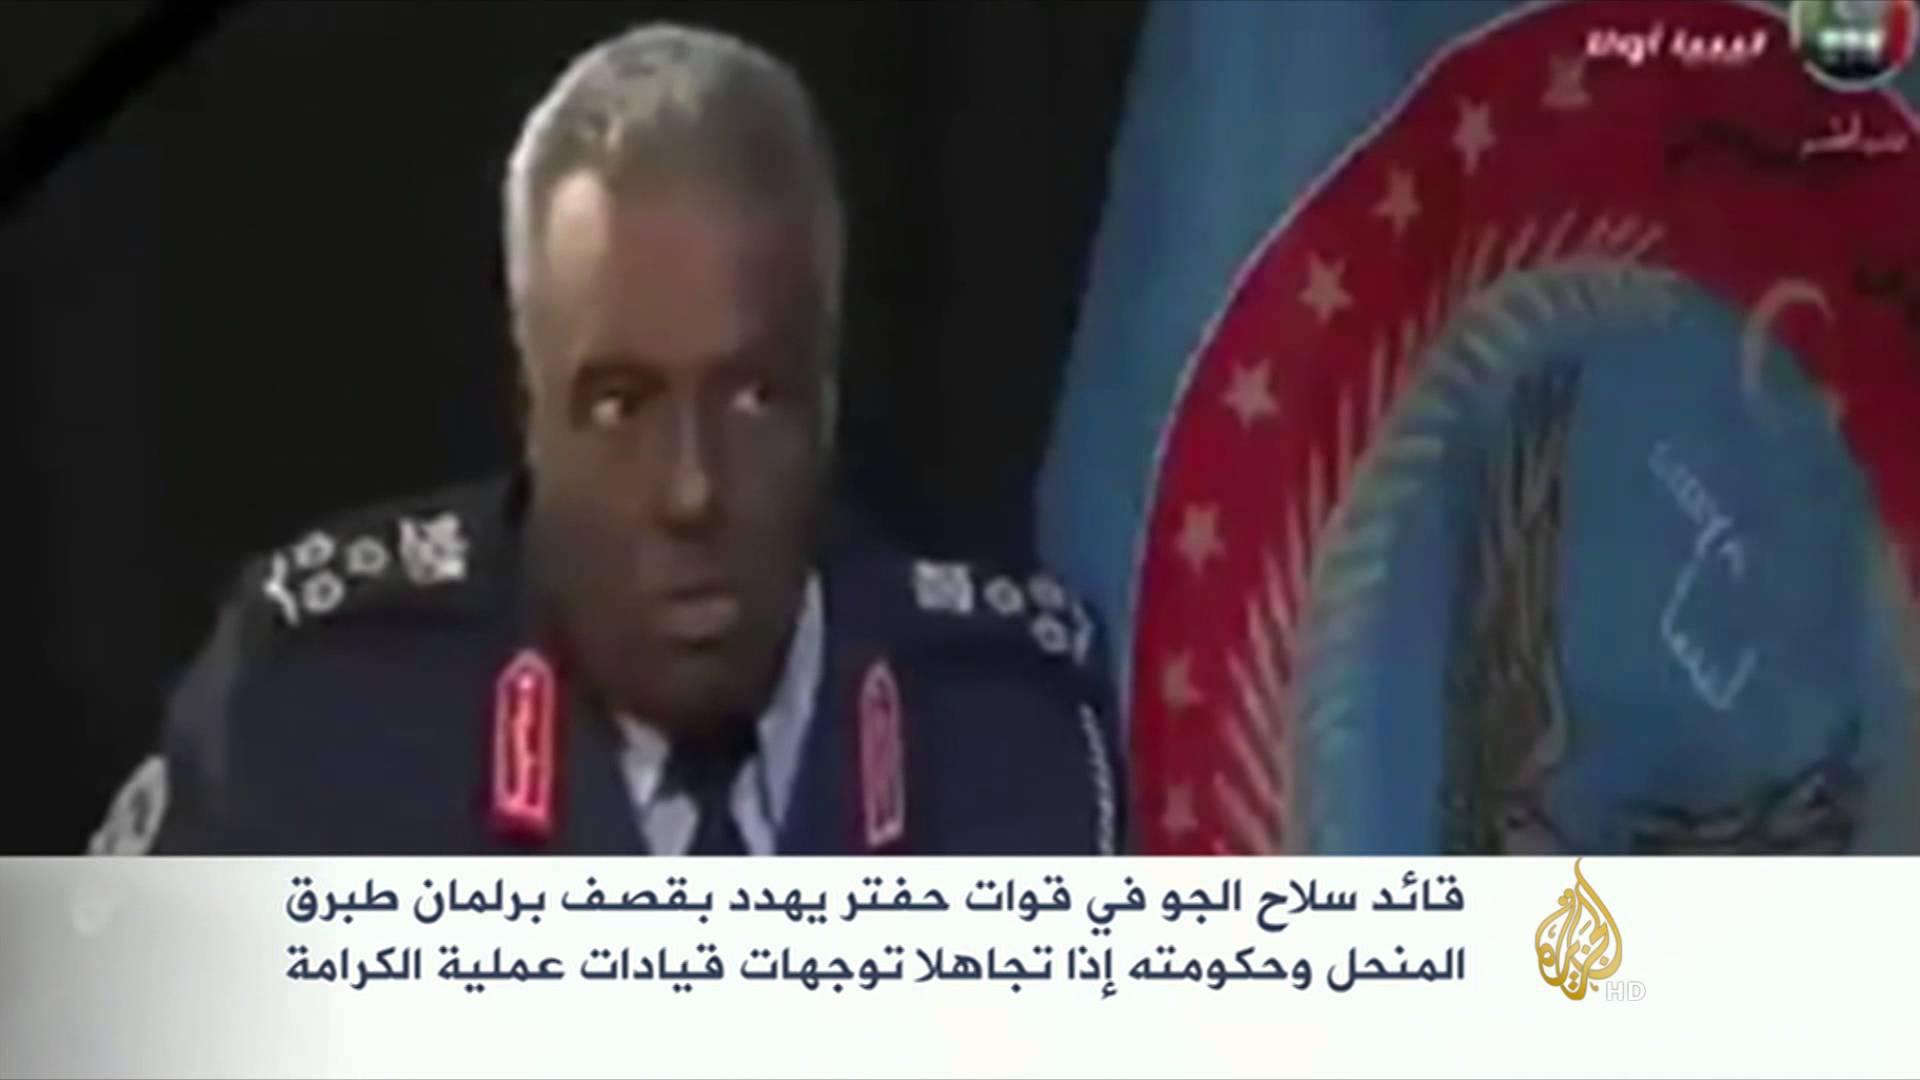 جدل بخصوص إمكانية تعيين حفتر رئيسا للمجلس العسكري